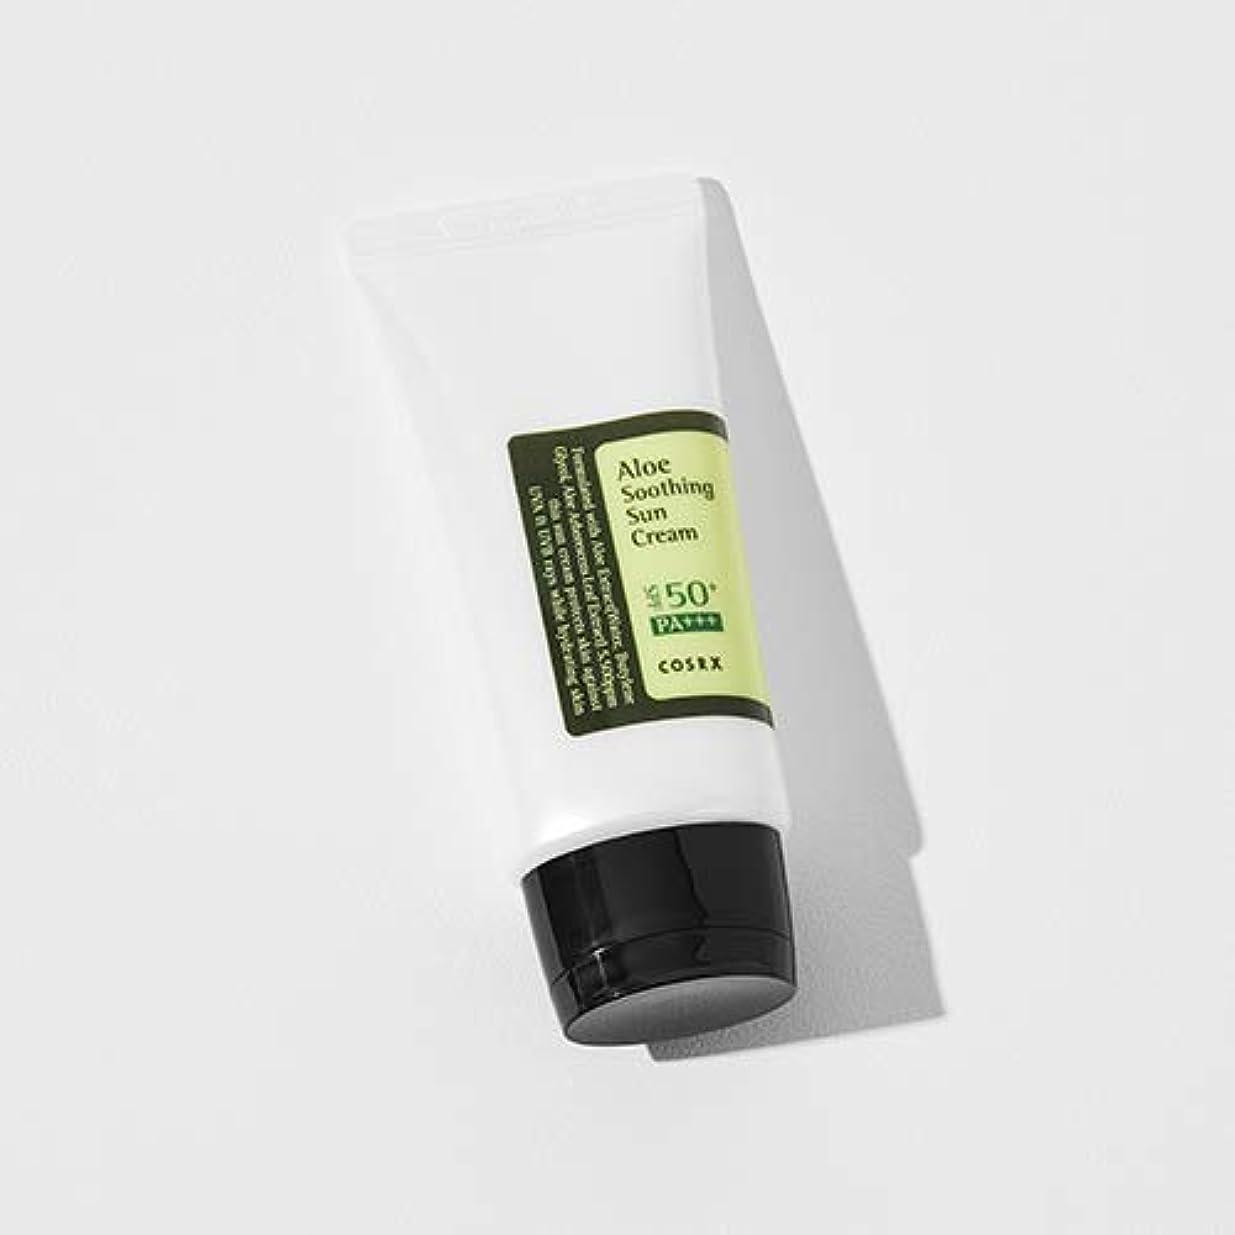 計算乗り出す振るう[COSRX] Aloe Soothing Sun Cream 50ml / [COSRX] アロエ スーディング サンクリーム 50ml [並行輸入品]